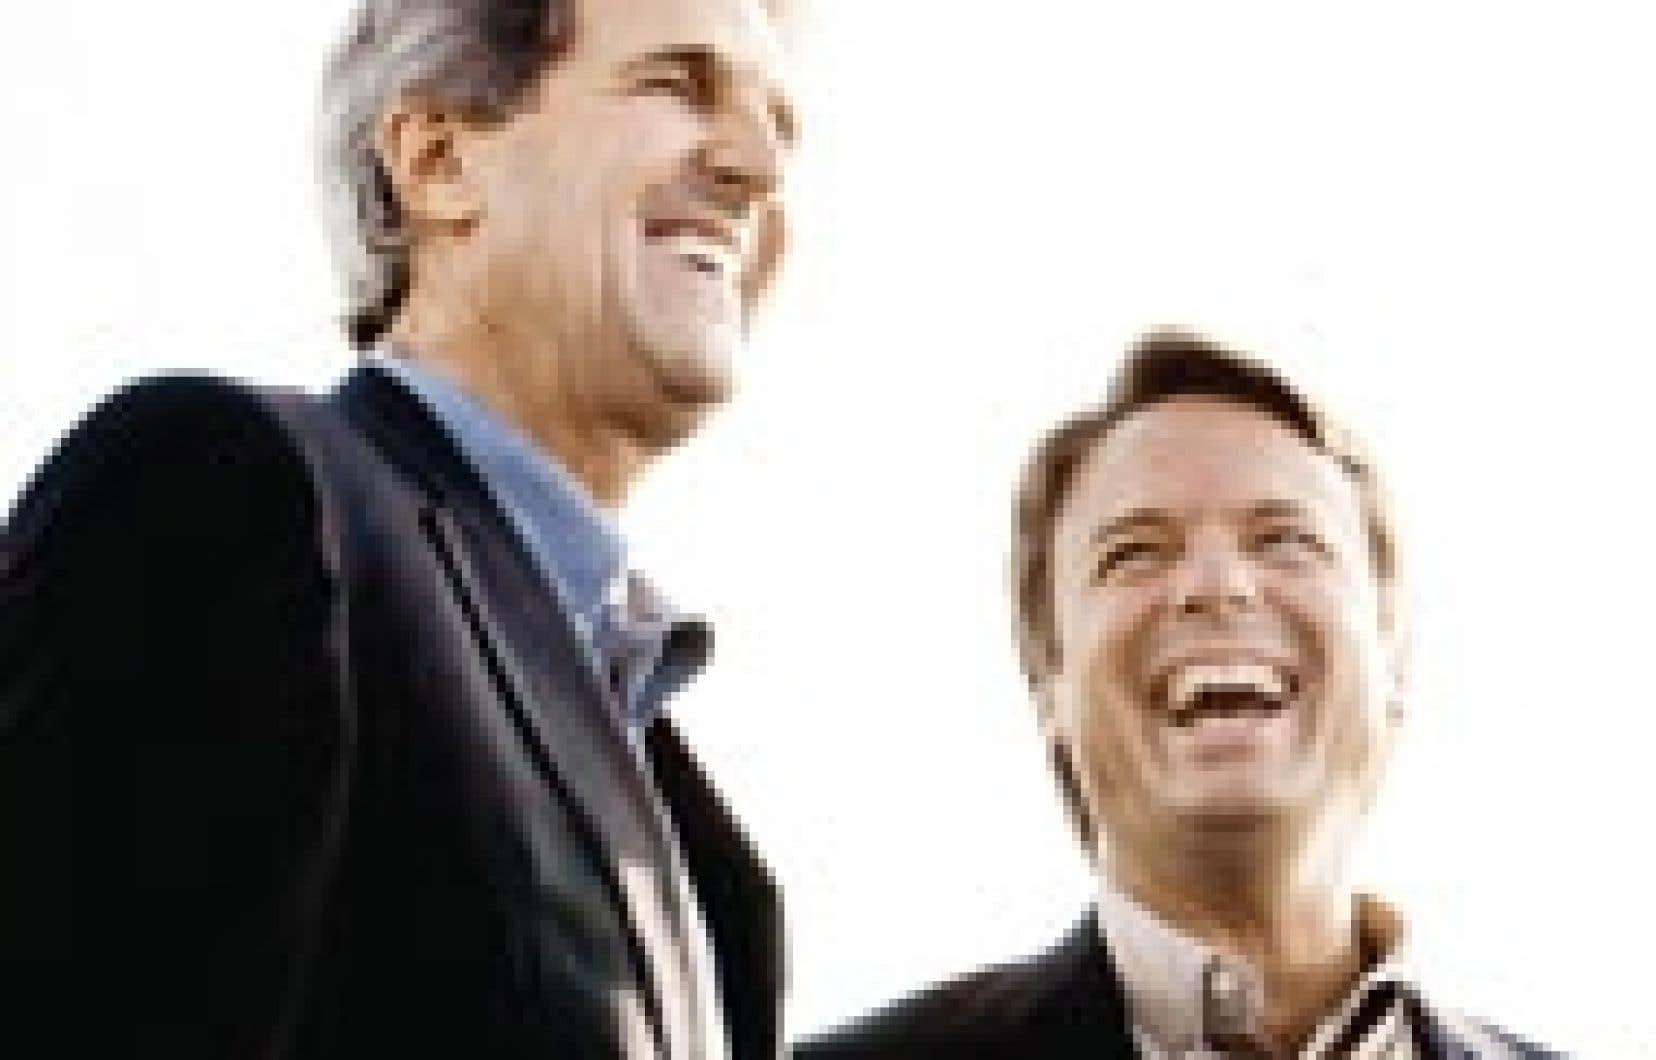 John Kerry et John Edwards, hier:«Plus respectueux».